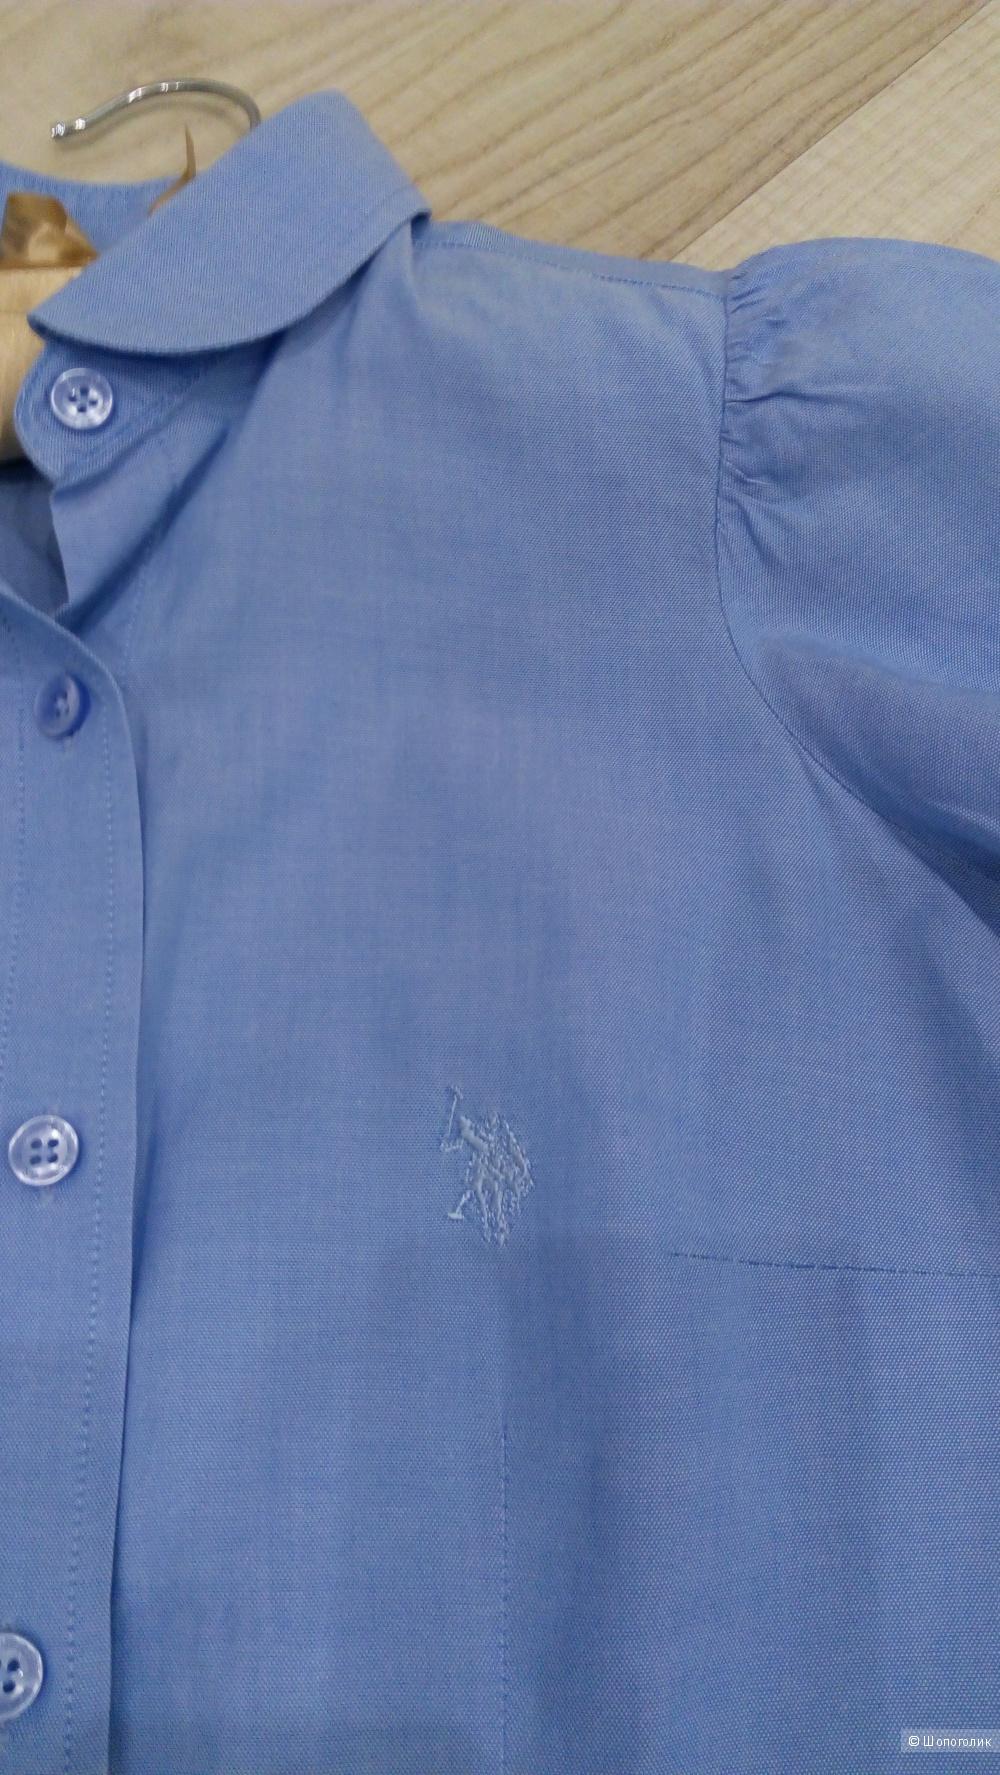 Рубашка u.s. polo размер 40-42